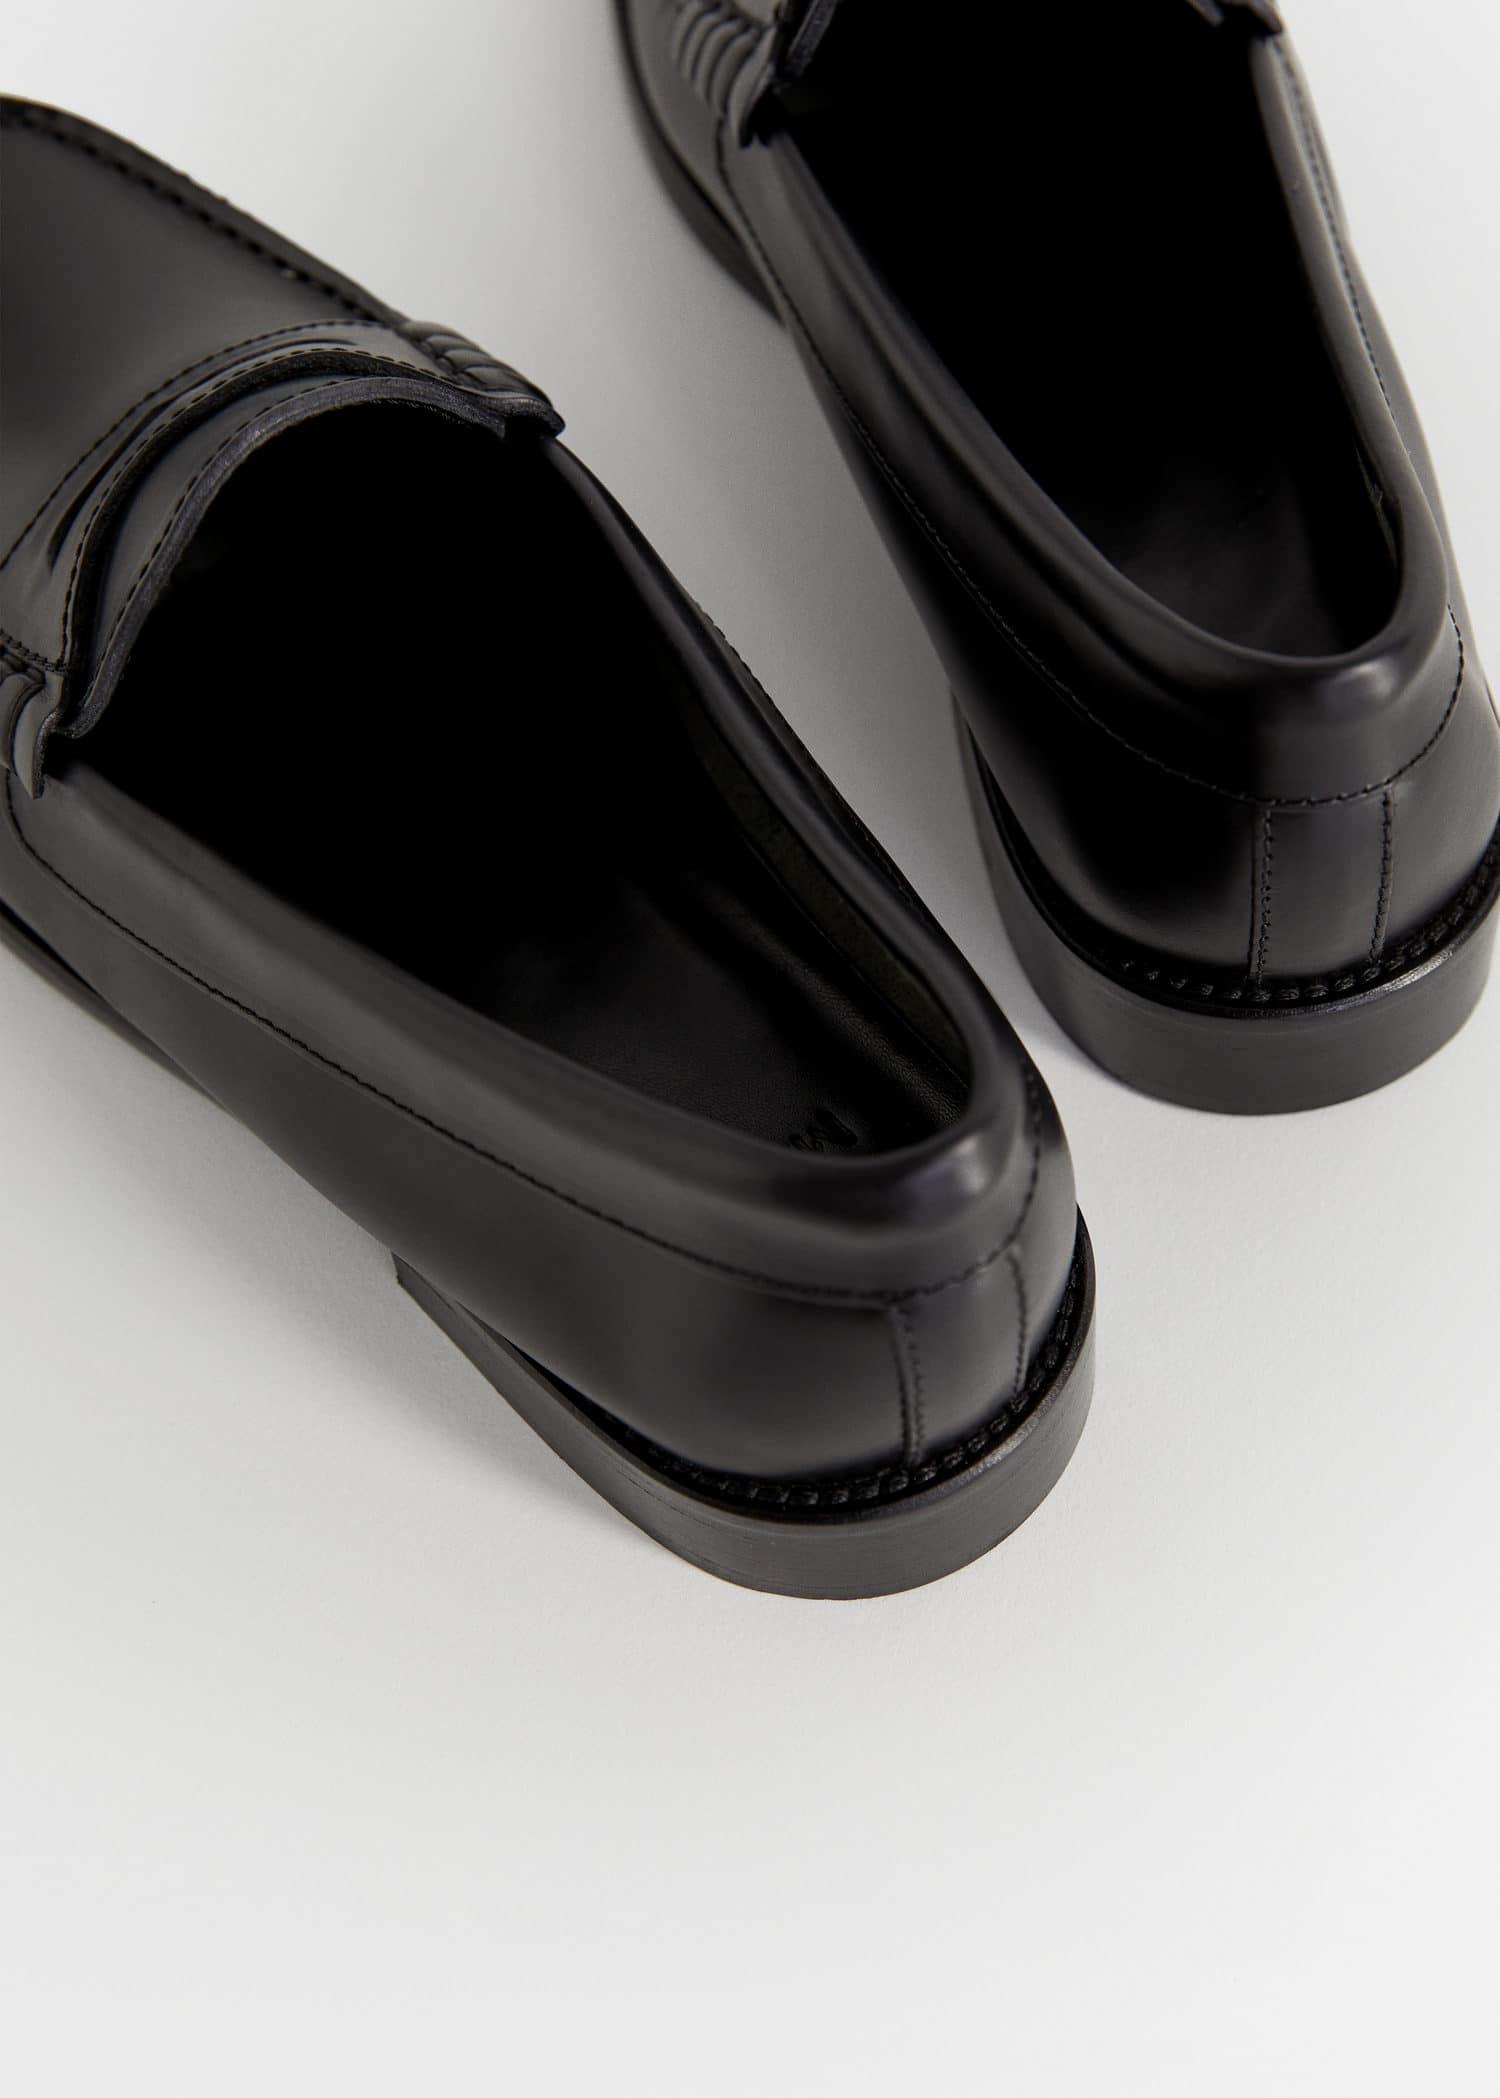 Pumps schwarz Damenschuhe Schuhe Absatz Damen Gr. 37